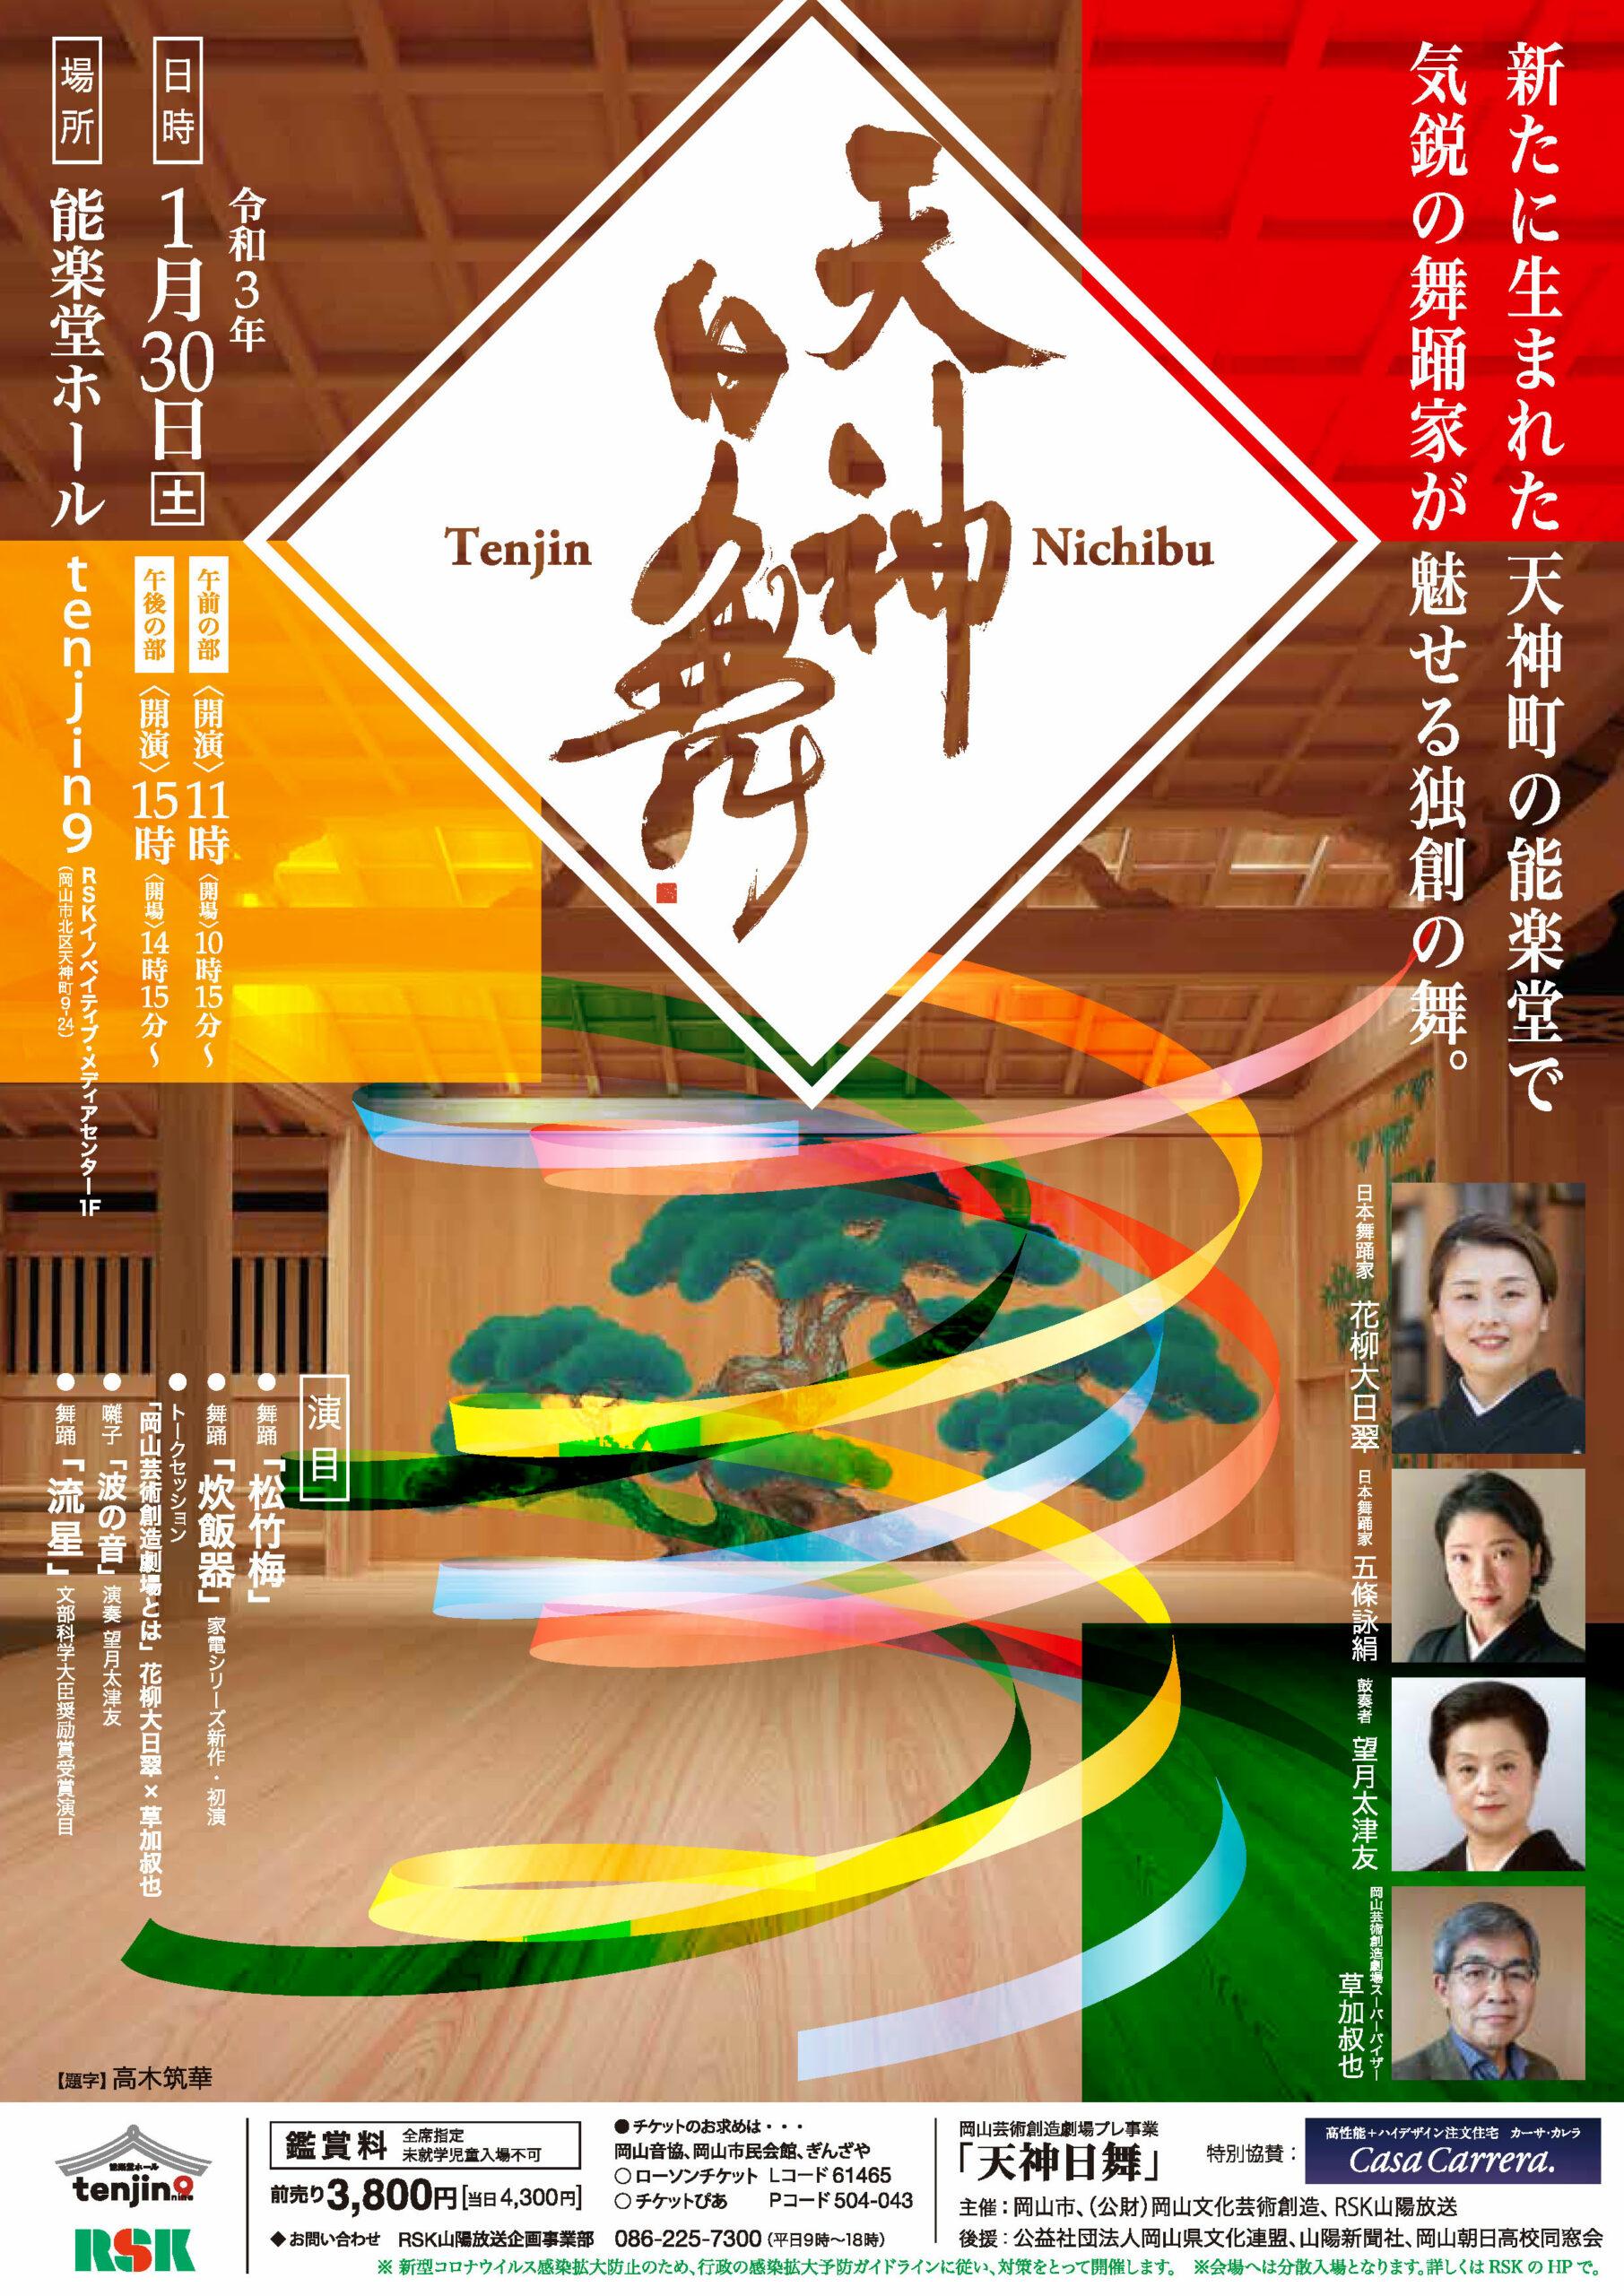 岡山芸術創造劇場プレ事業 天神日舞